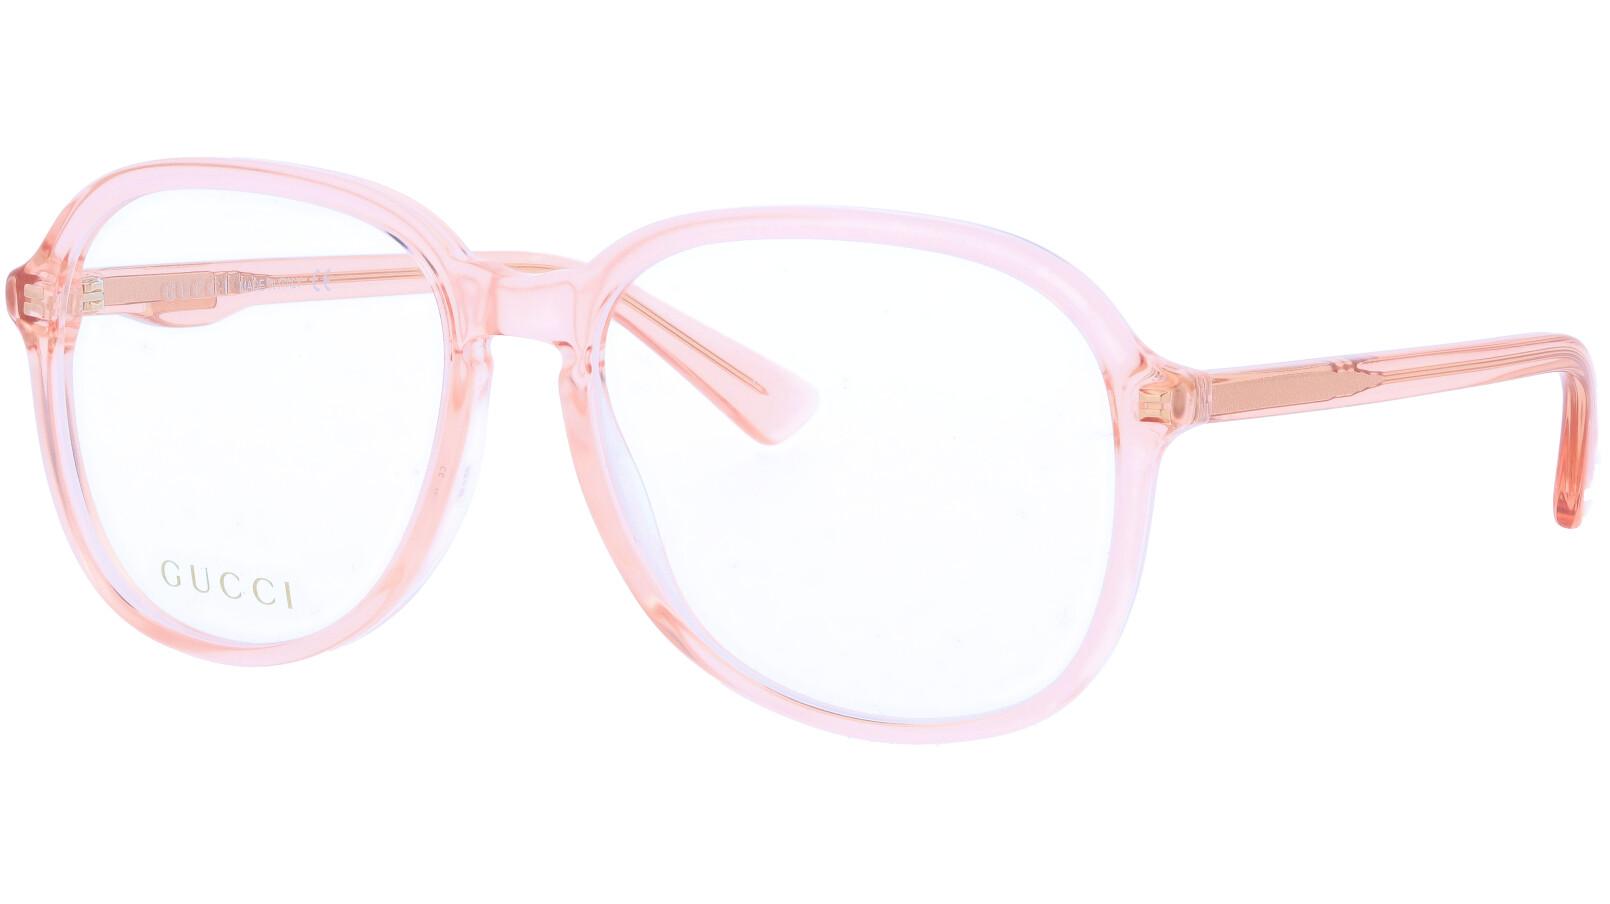 GUCCI GG0259O 005 55 ORANGE Glasses